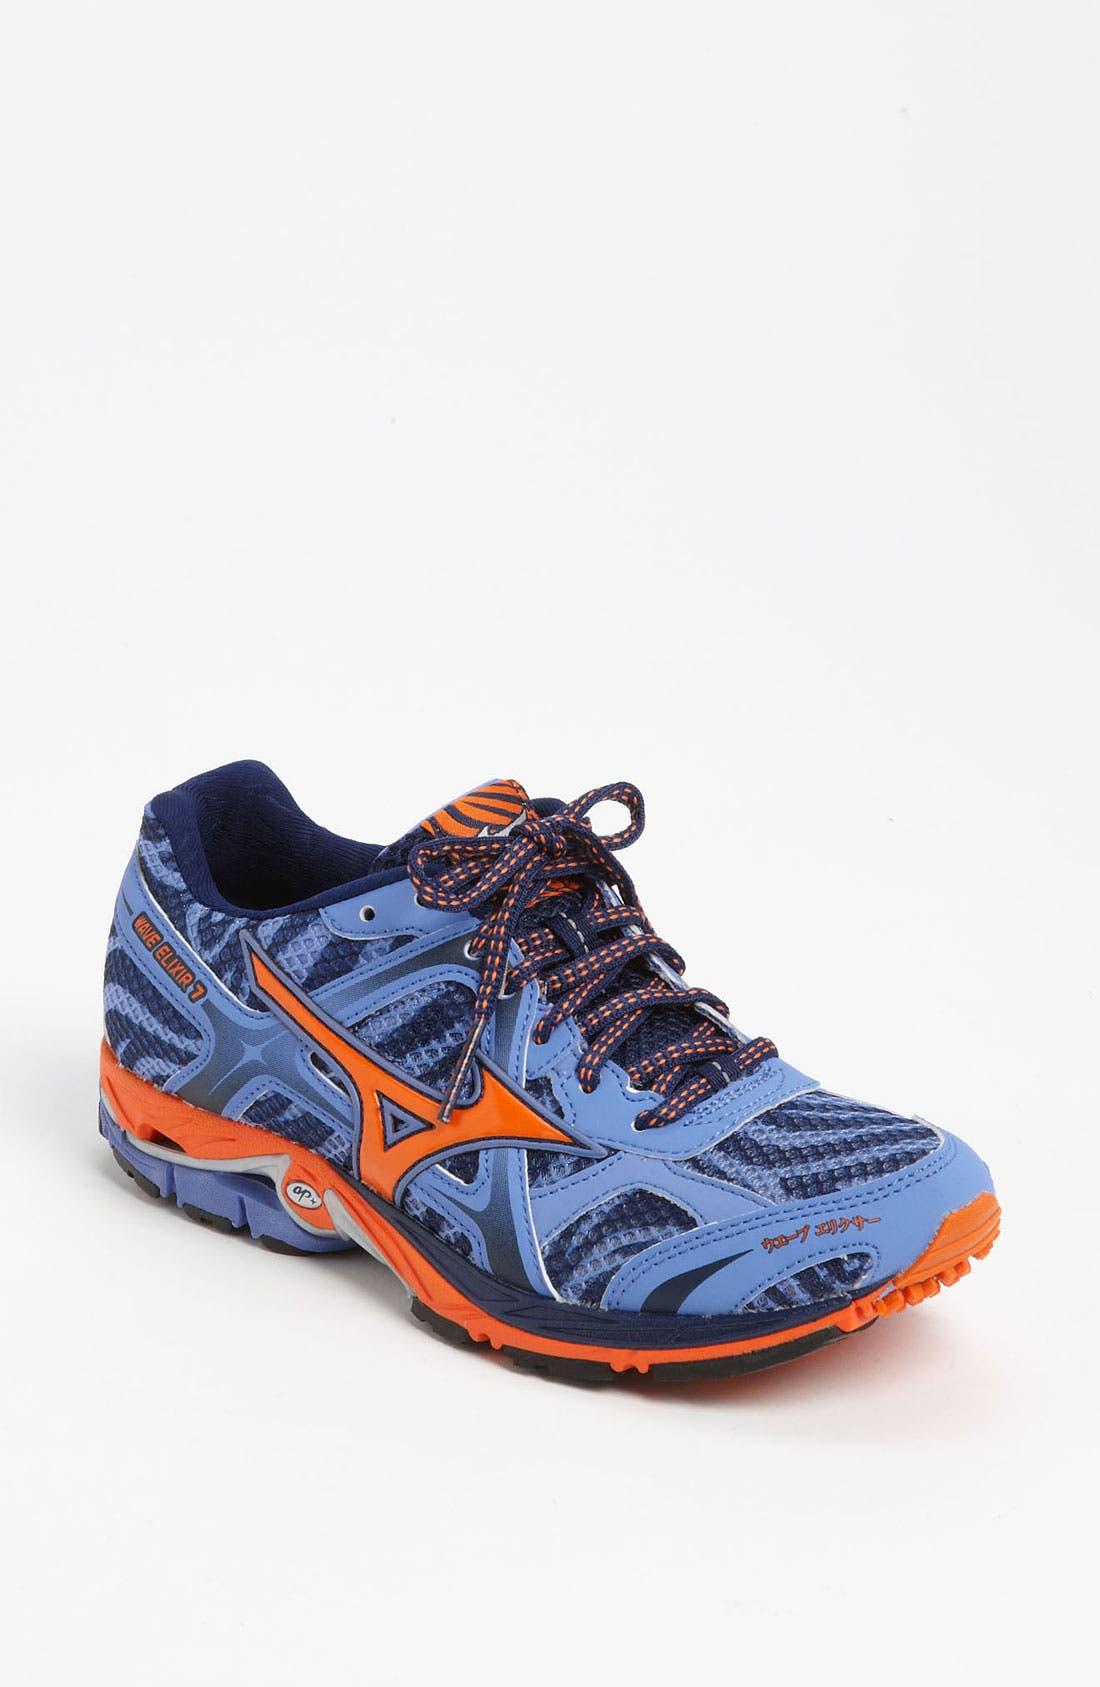 Alternate Image 1 Selected - Mizuno 'Wave Elixir 7' Running Shoe (Women) (Regular Retail Price: $119.95)